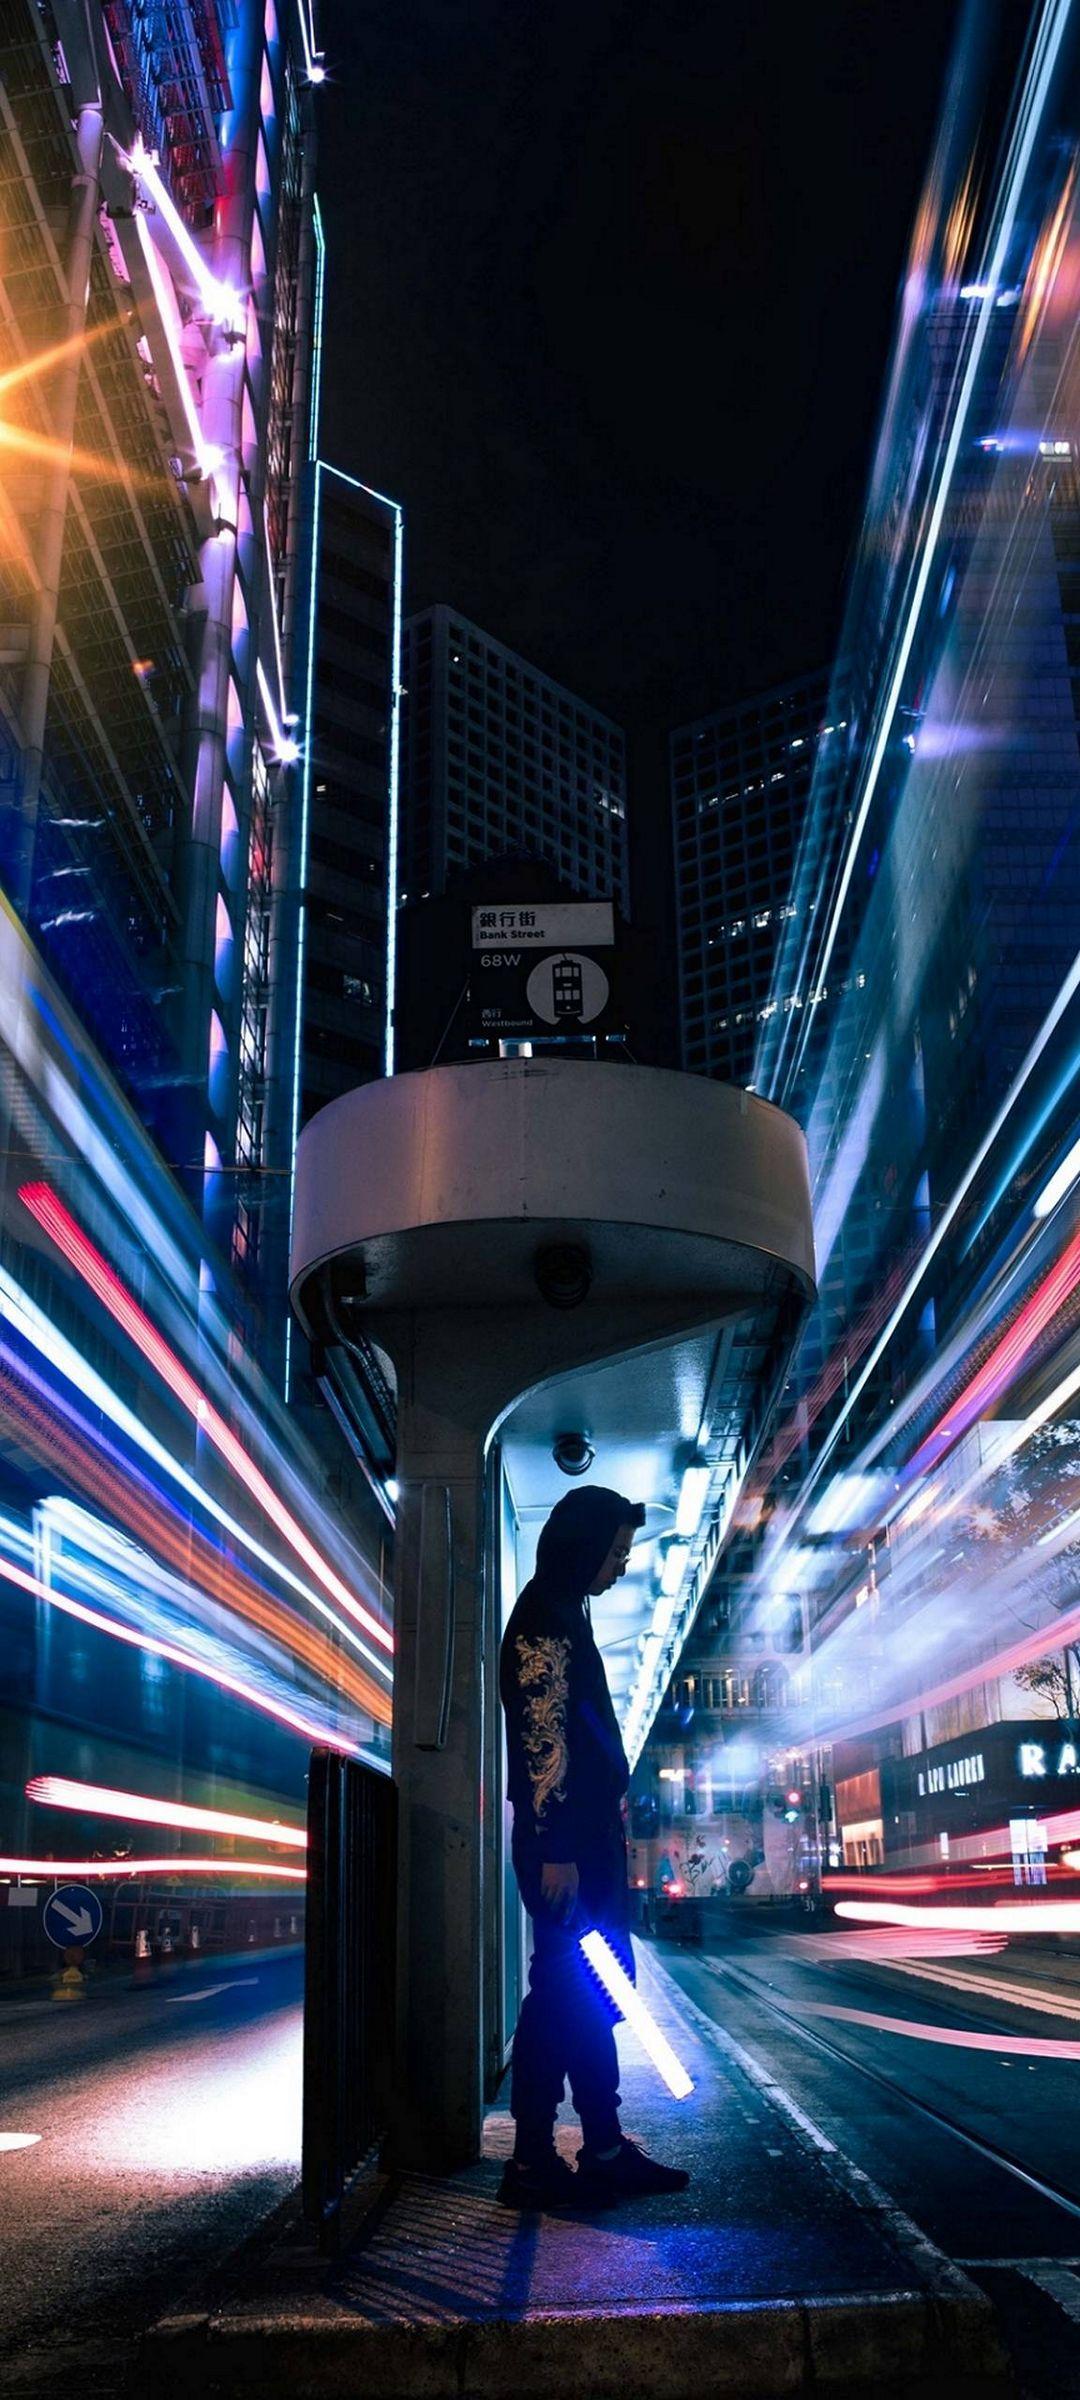 Samsung Galaxy A70 Wallpapers Samsung Wallpaper Technology Wallpaper Wallpaper